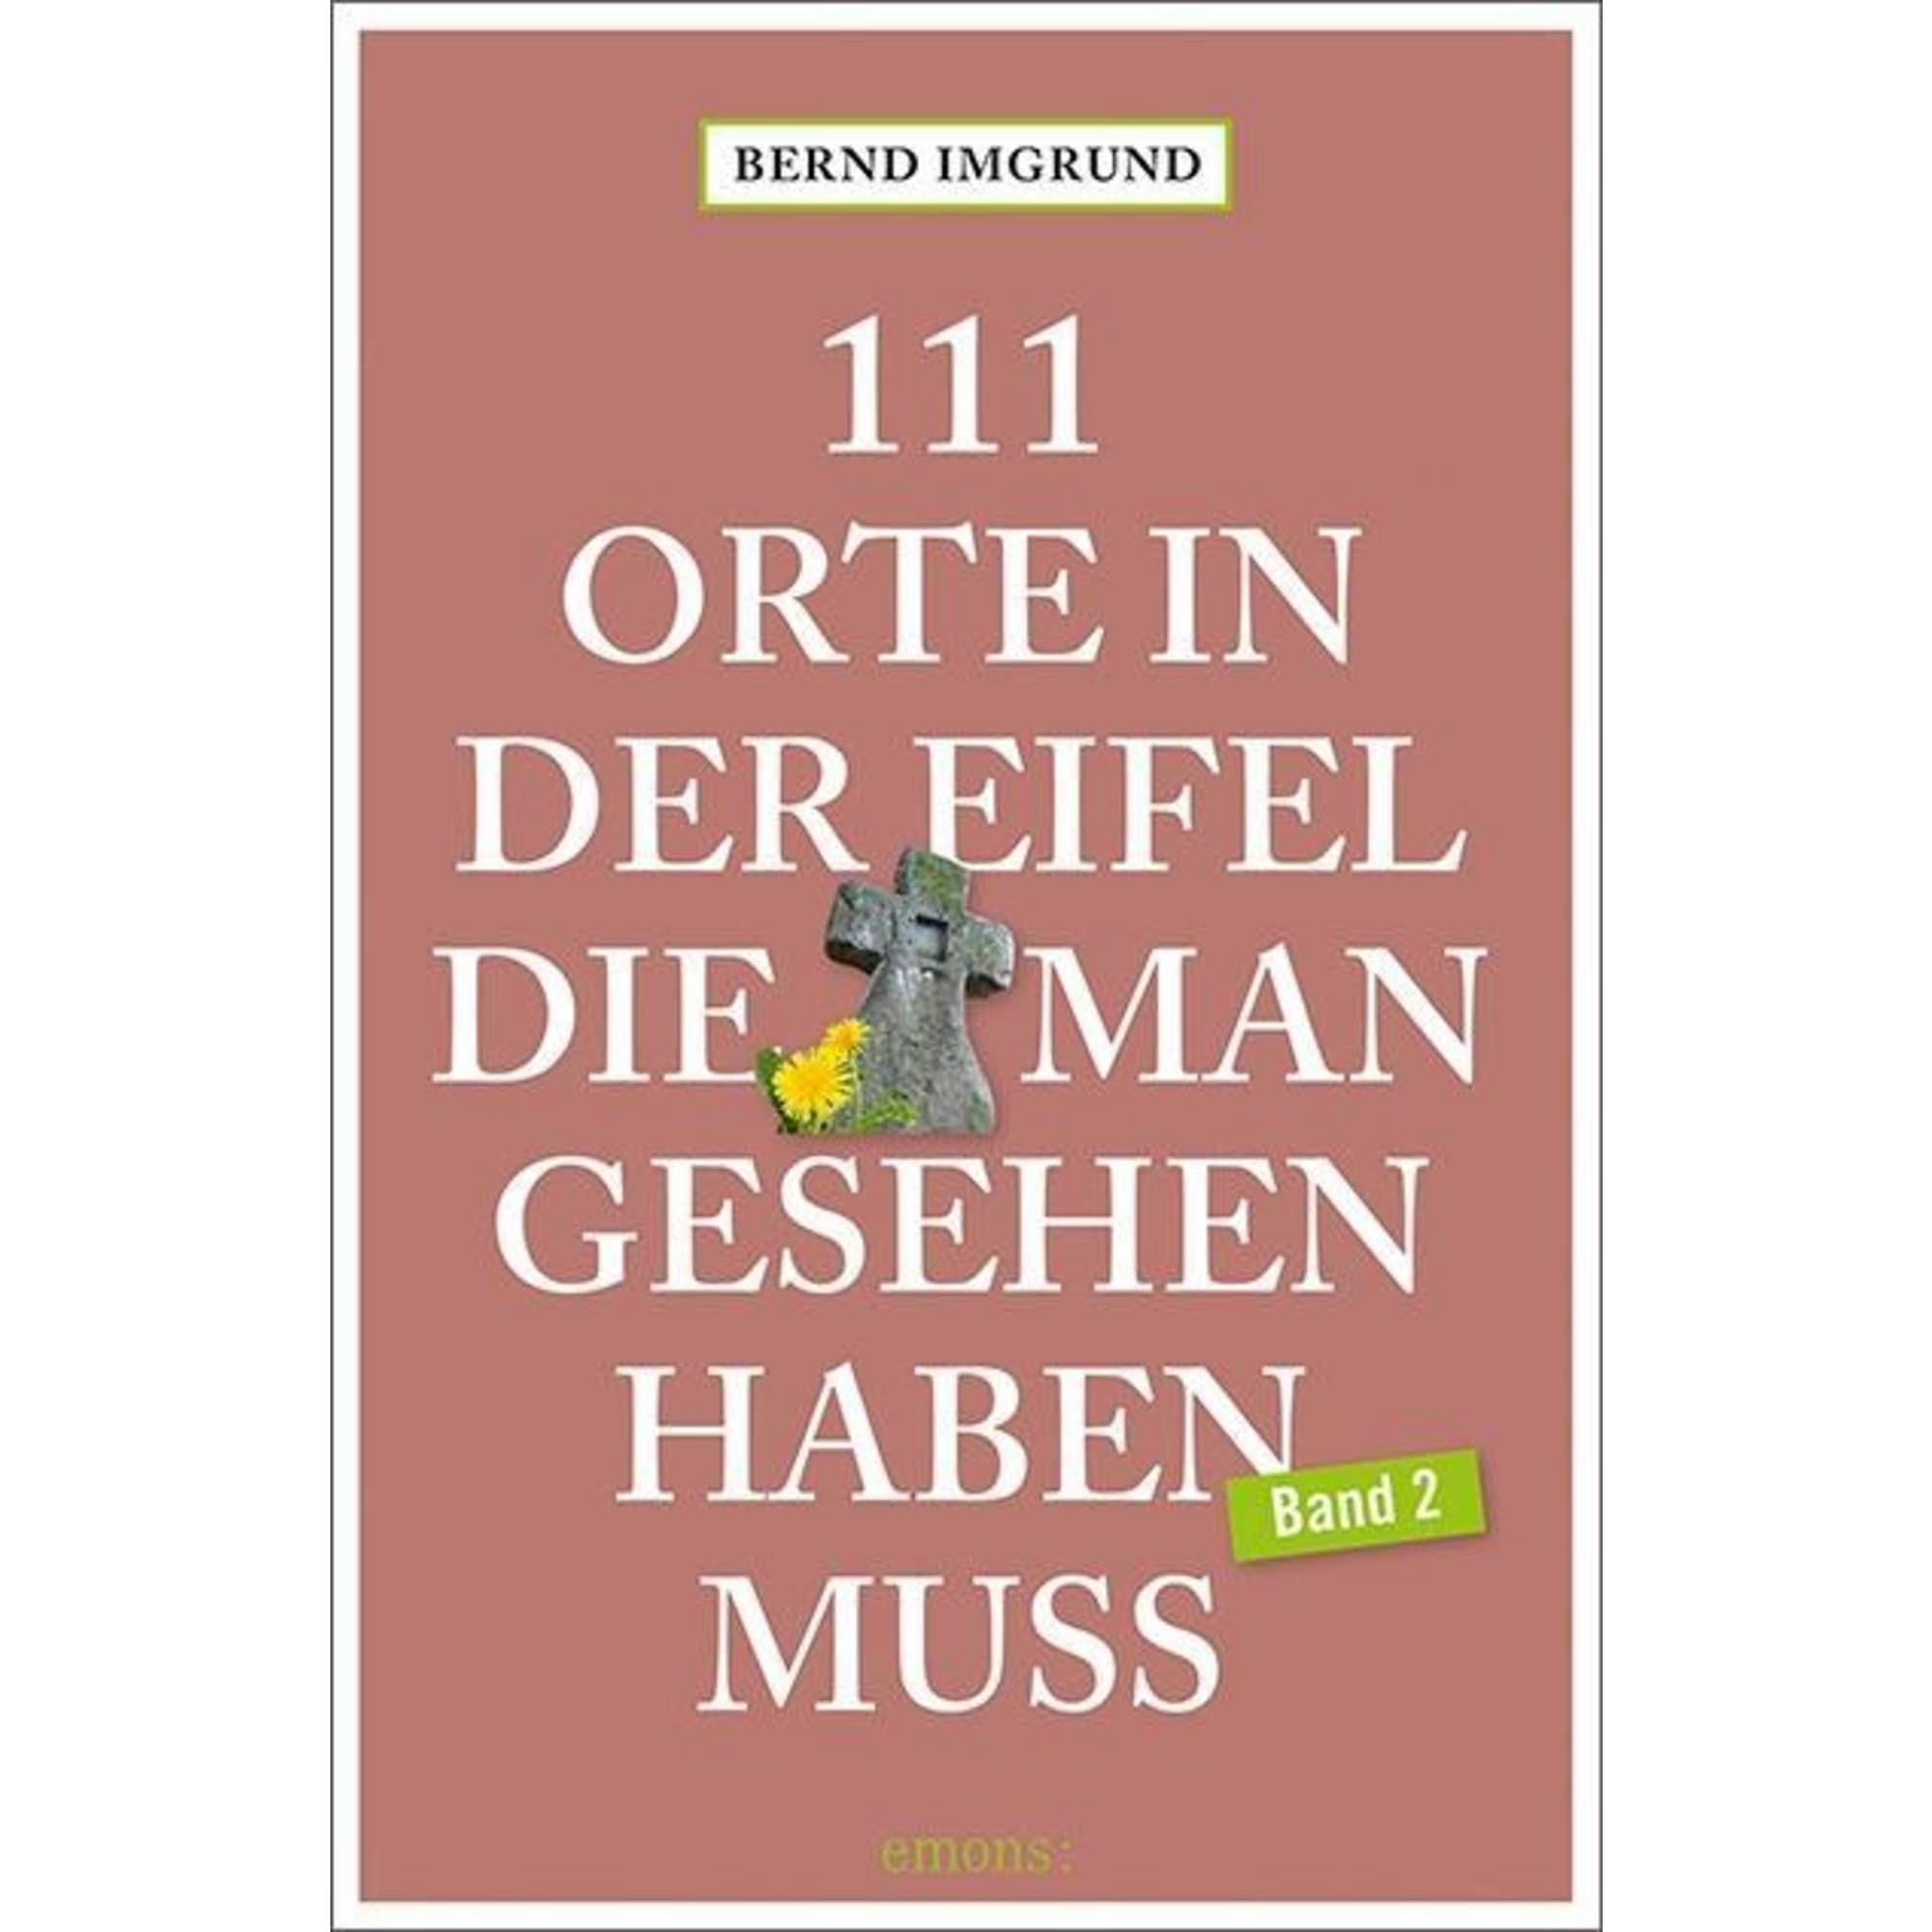 111 Orte in der Eifel, die man gesehen haben muss, Band 02, 16,95 Euro